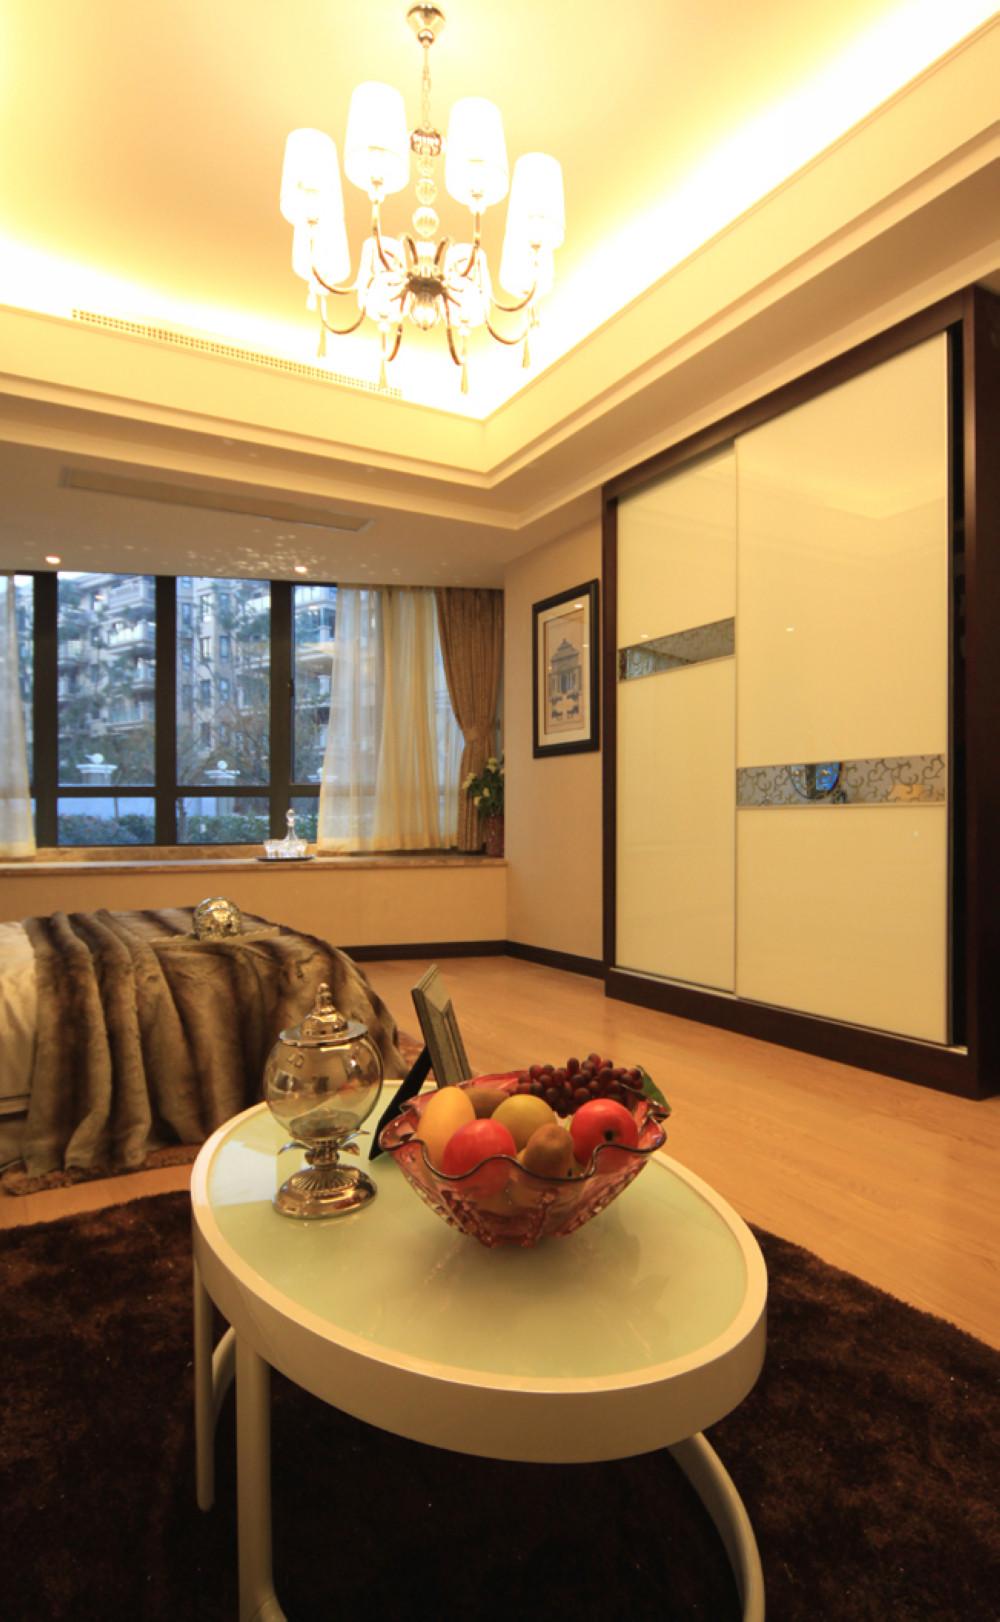 酒店式公寓装修衣柜图片